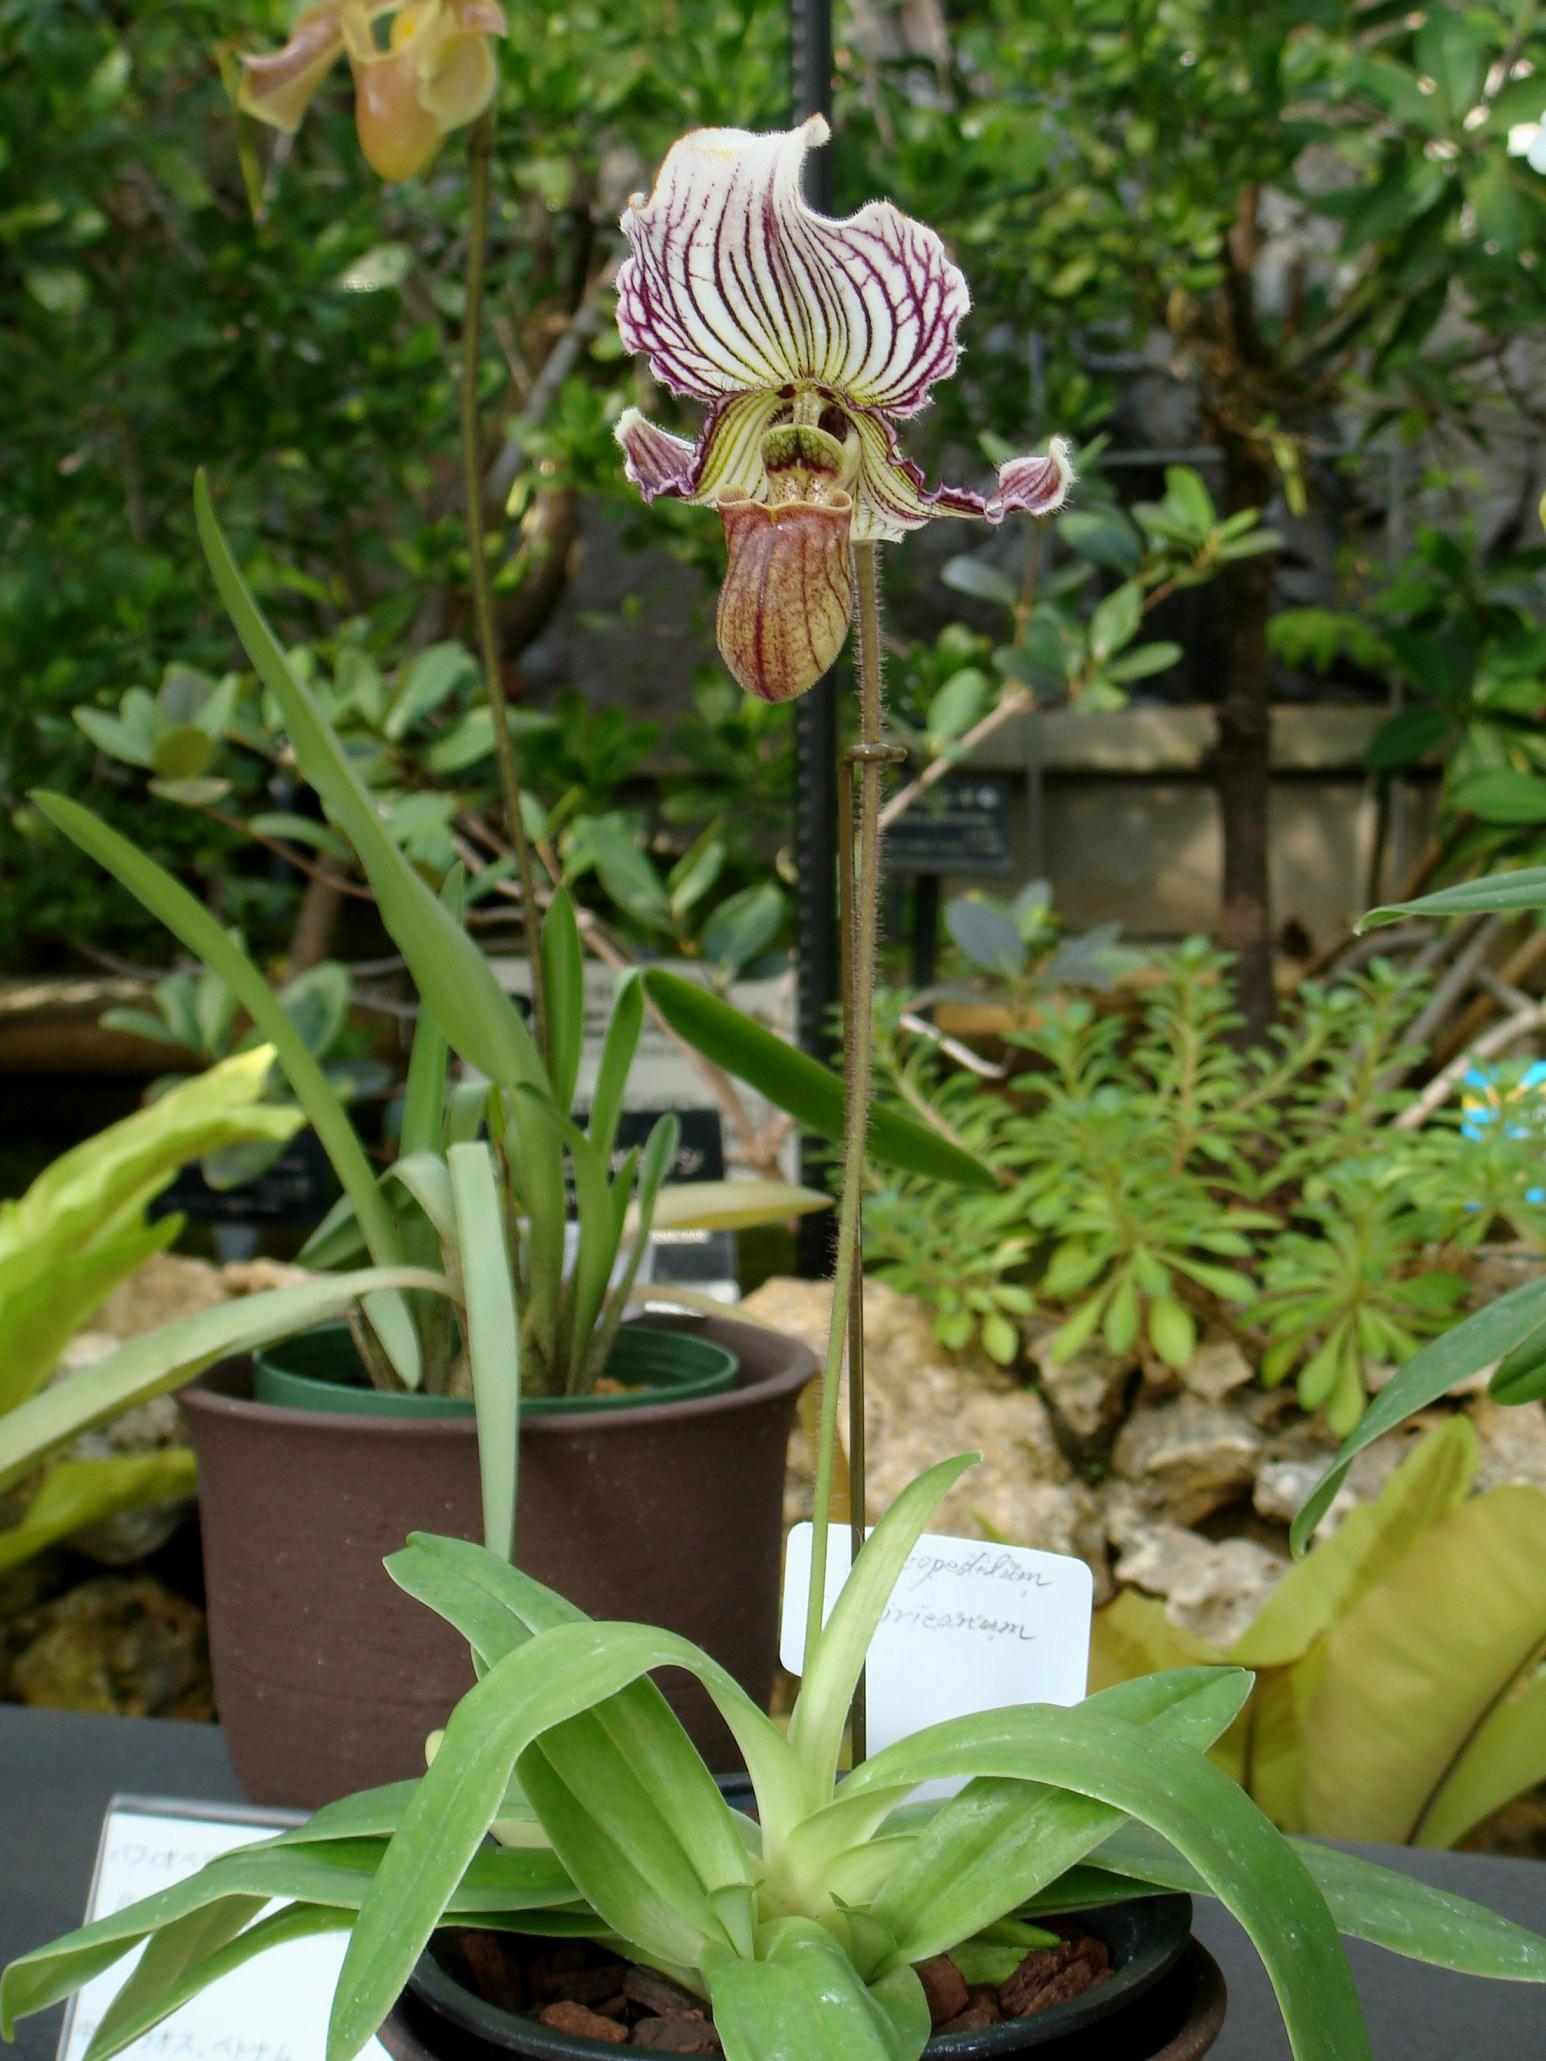 http://orchids.la.coocan.jp/Paphiopedilum/Paphiopedilum%20fairrieanum/DSC04562.JPG